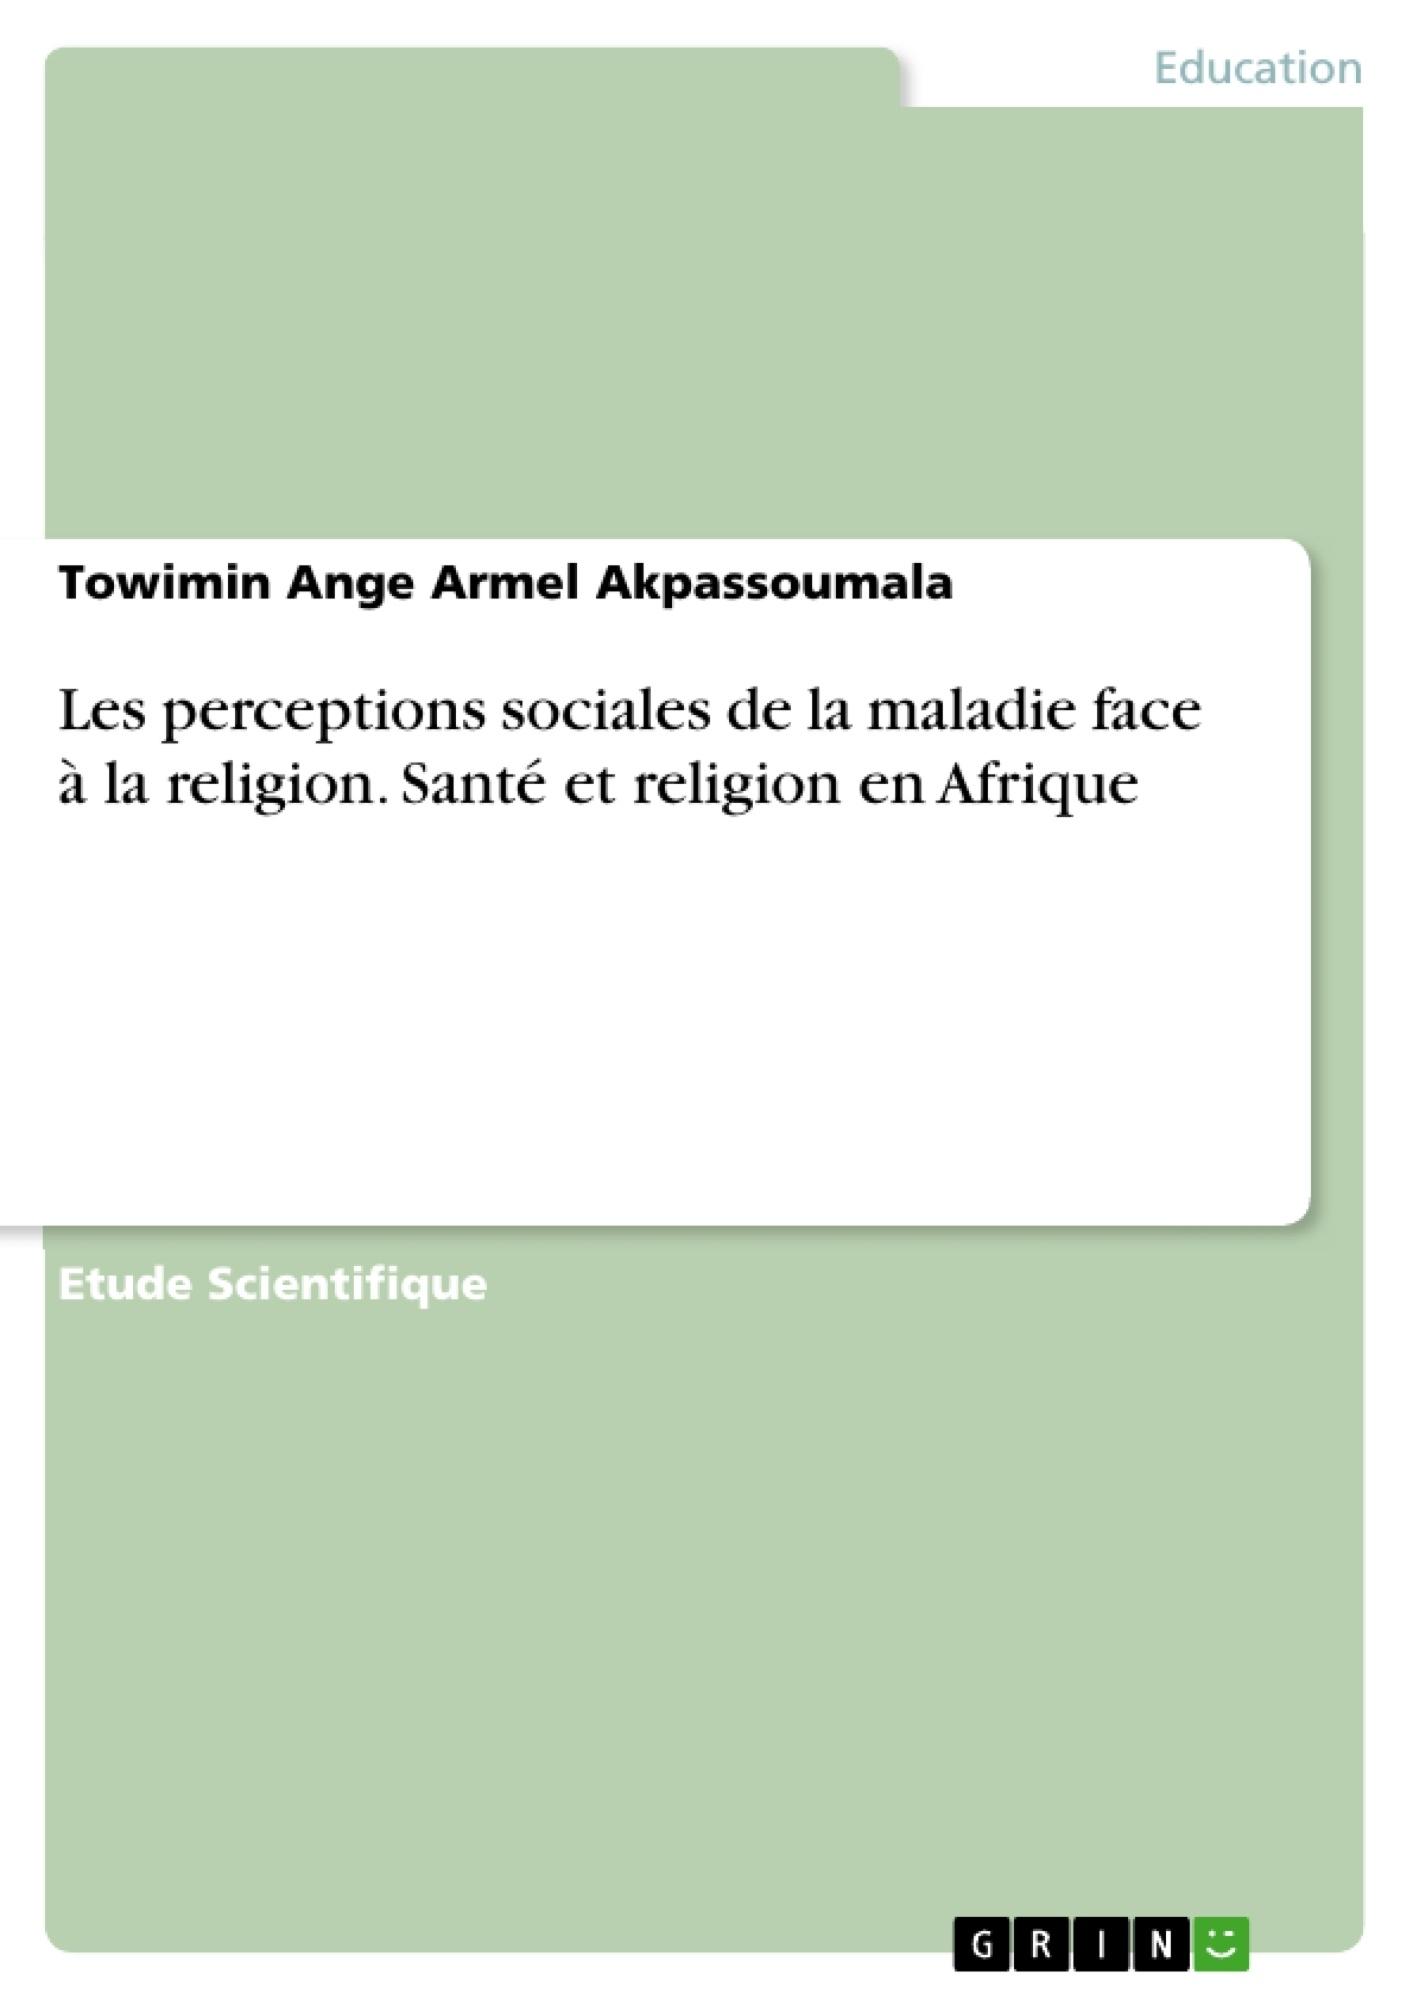 Titre: Les perceptions sociales de la maladie face à la religion. Santé et religion en Afrique